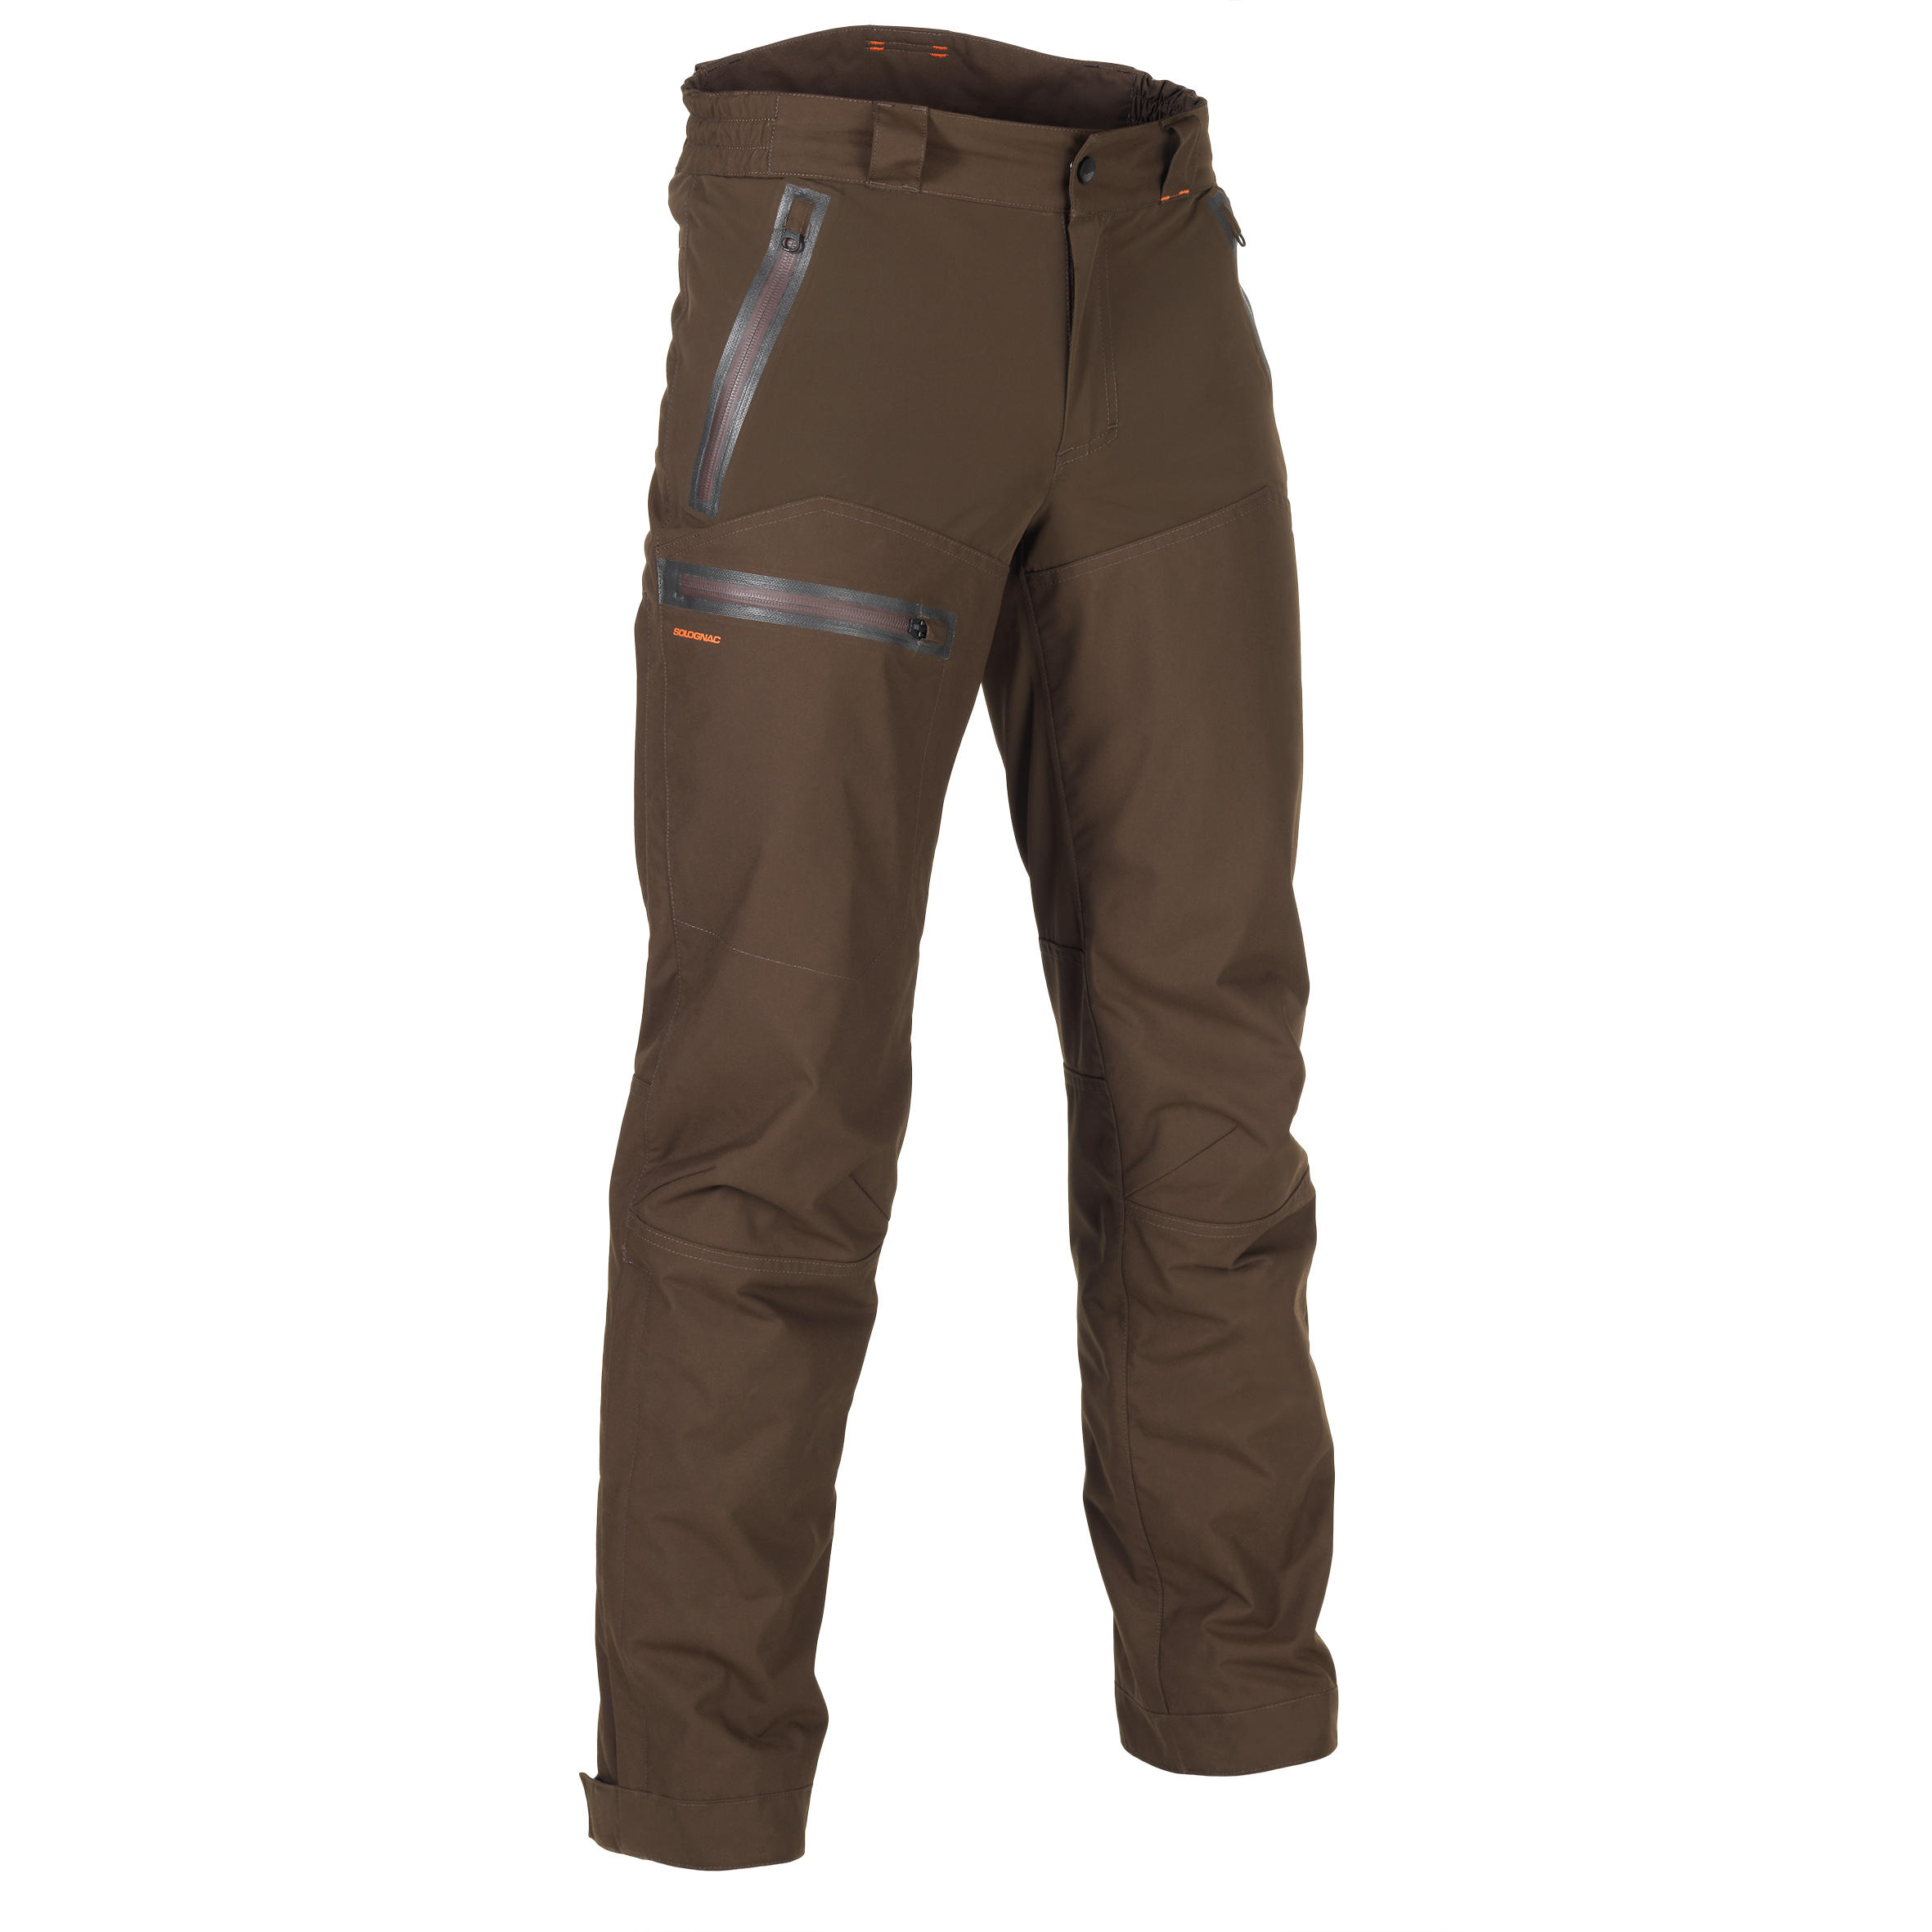 Jagd-Regenhose SGTR900WW verstärkt wasserdicht braun | Sportbekleidung > Sporthosen > Regenhosen | Solognac